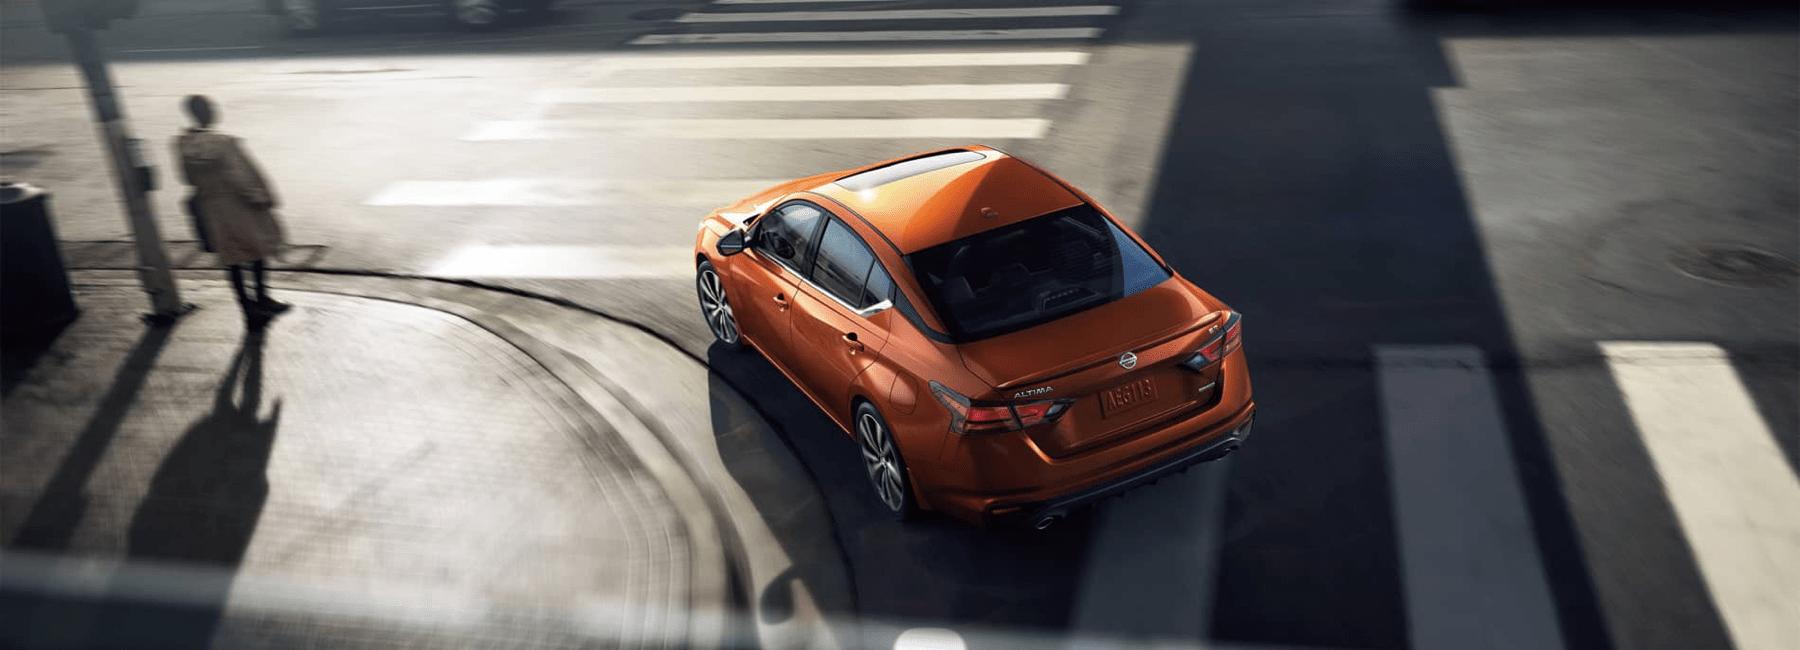 2020 Nissan Altima turns city corner